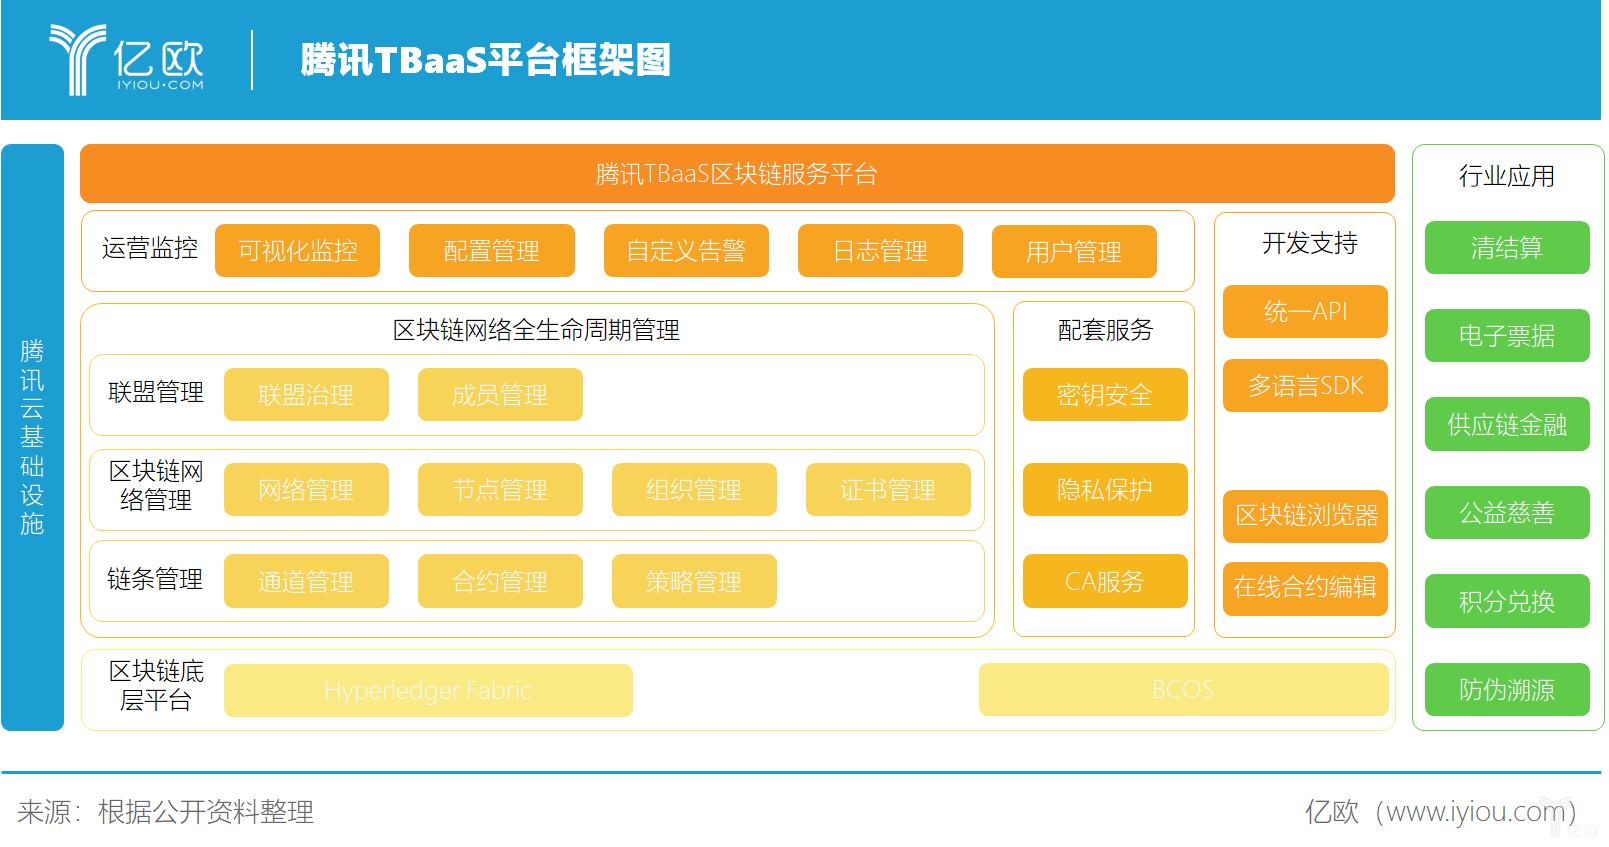 腾讯TBaaS平台框架图